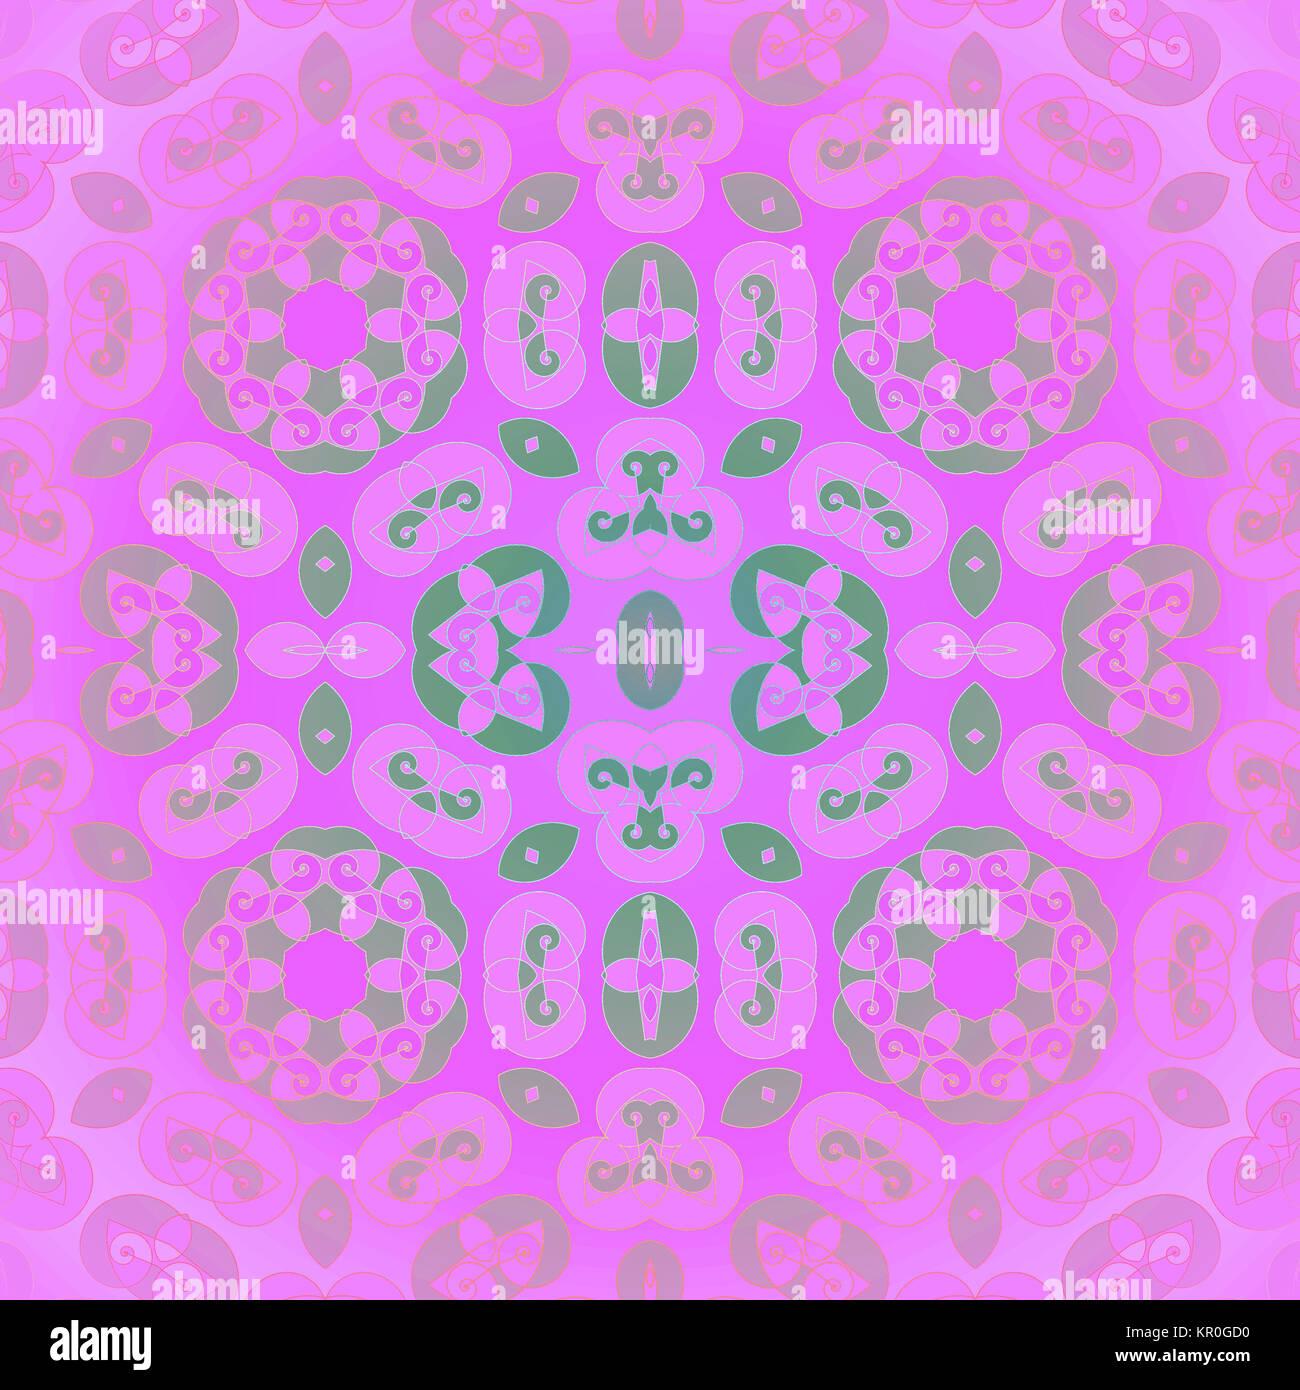 Delicato Colore Viola Pallido geometrica astratta sfondo senza giunture. ornato modello a